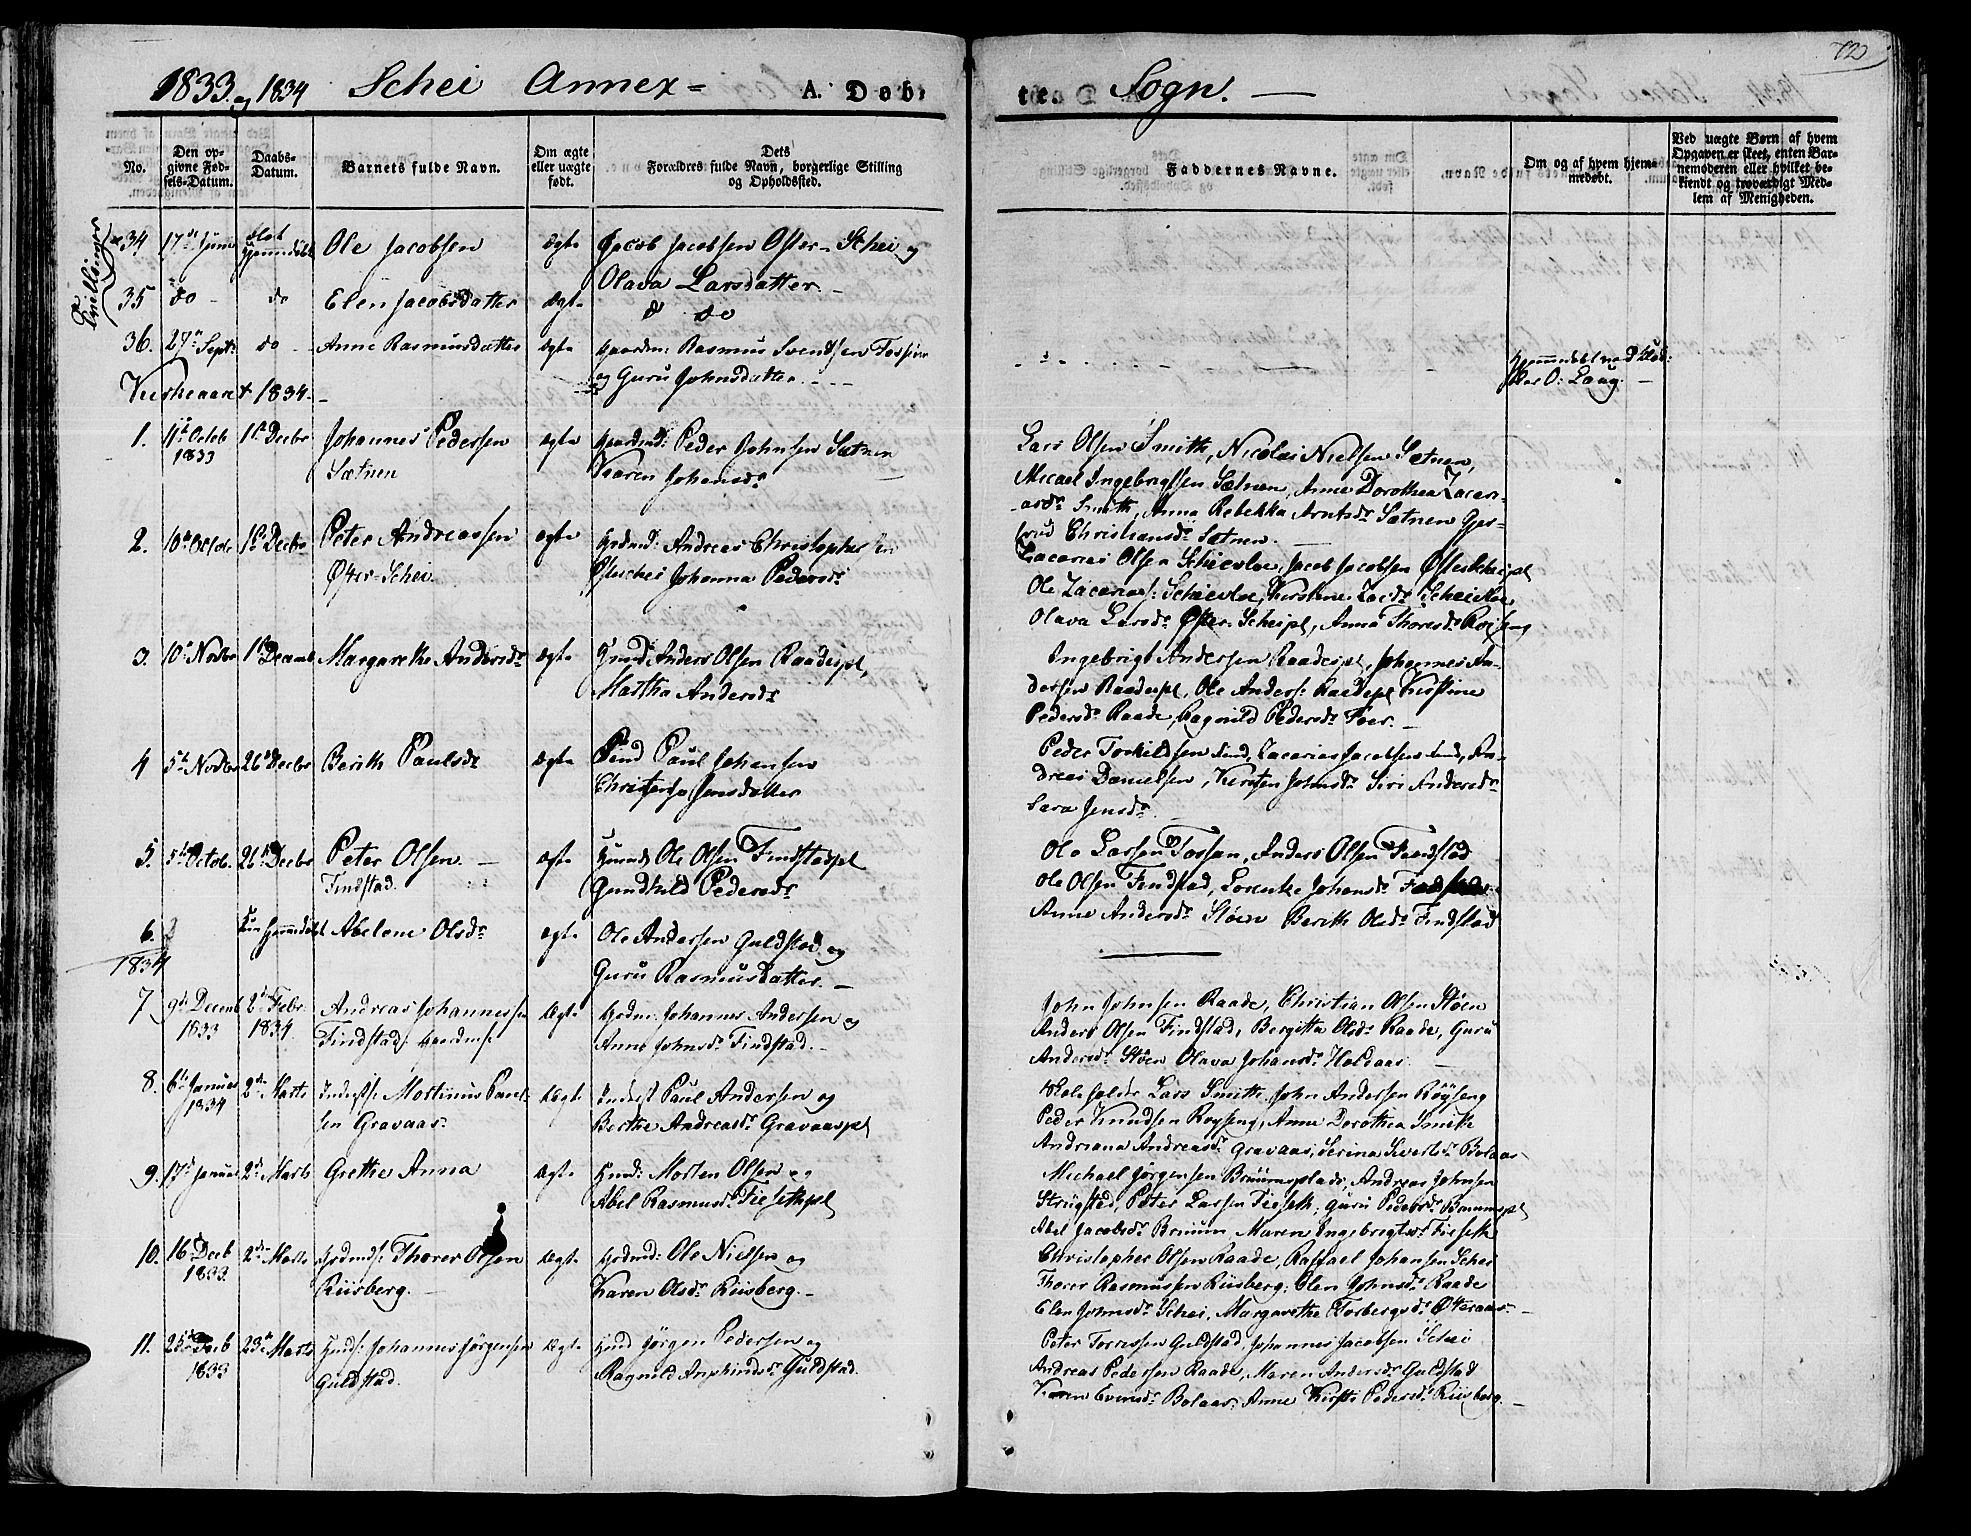 SAT, Ministerialprotokoller, klokkerbøker og fødselsregistre - Nord-Trøndelag, 735/L0336: Ministerialbok nr. 735A05 /2, 1825-1835, s. 72